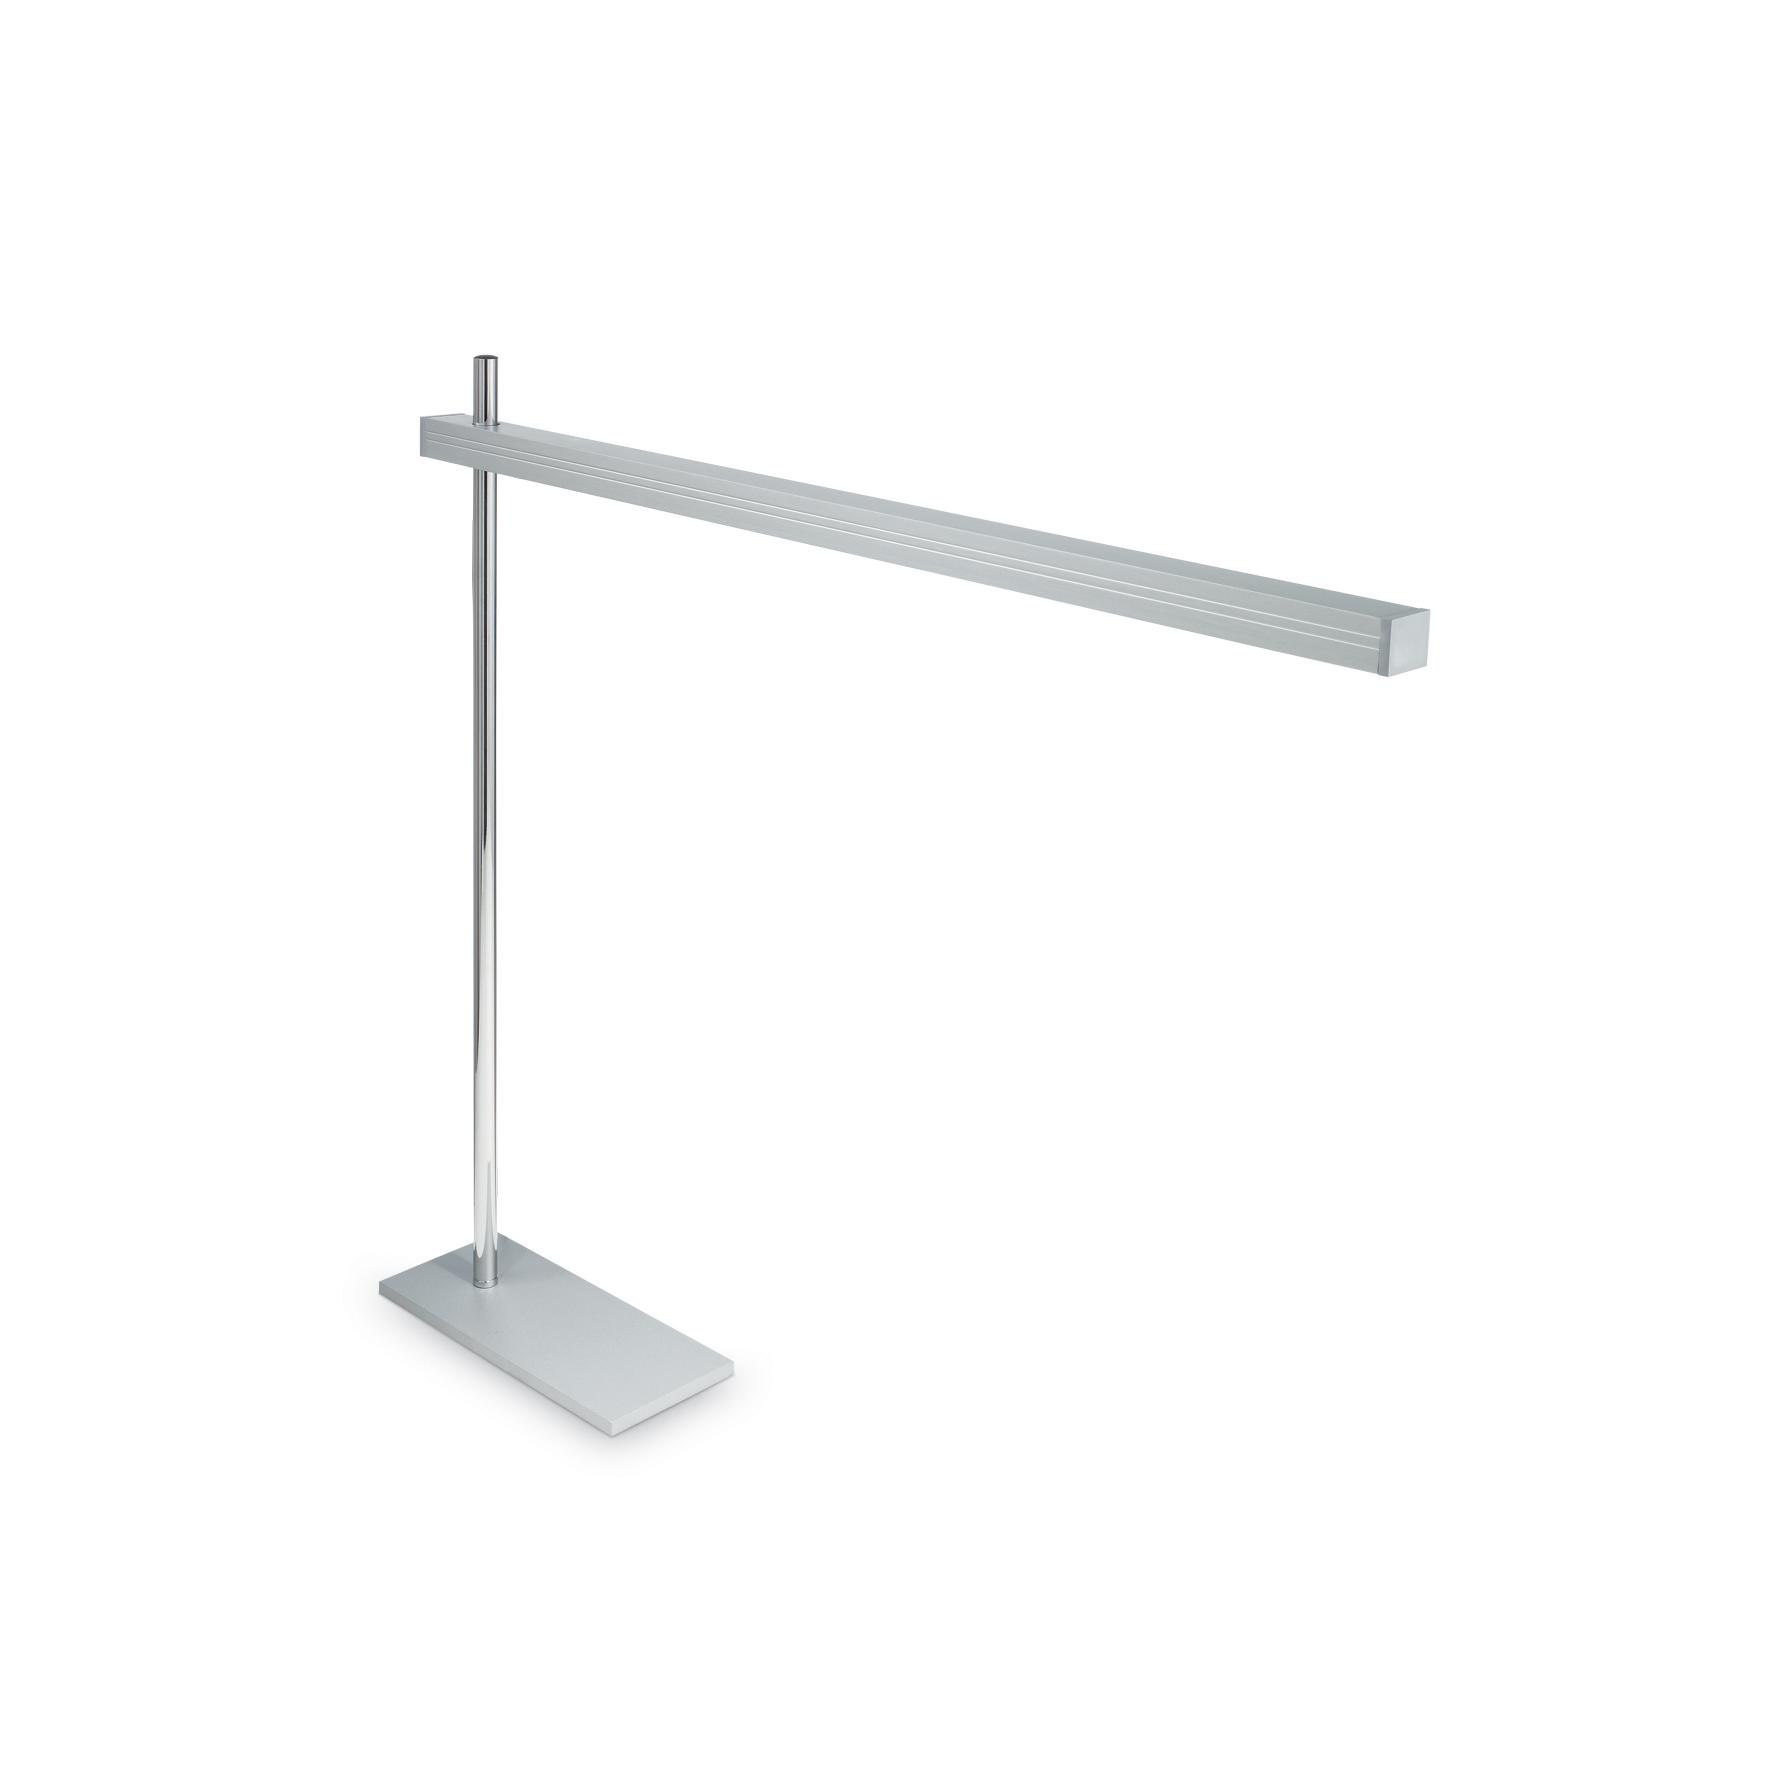 Lampa Birou Gru Tl Aluminiu - 13192